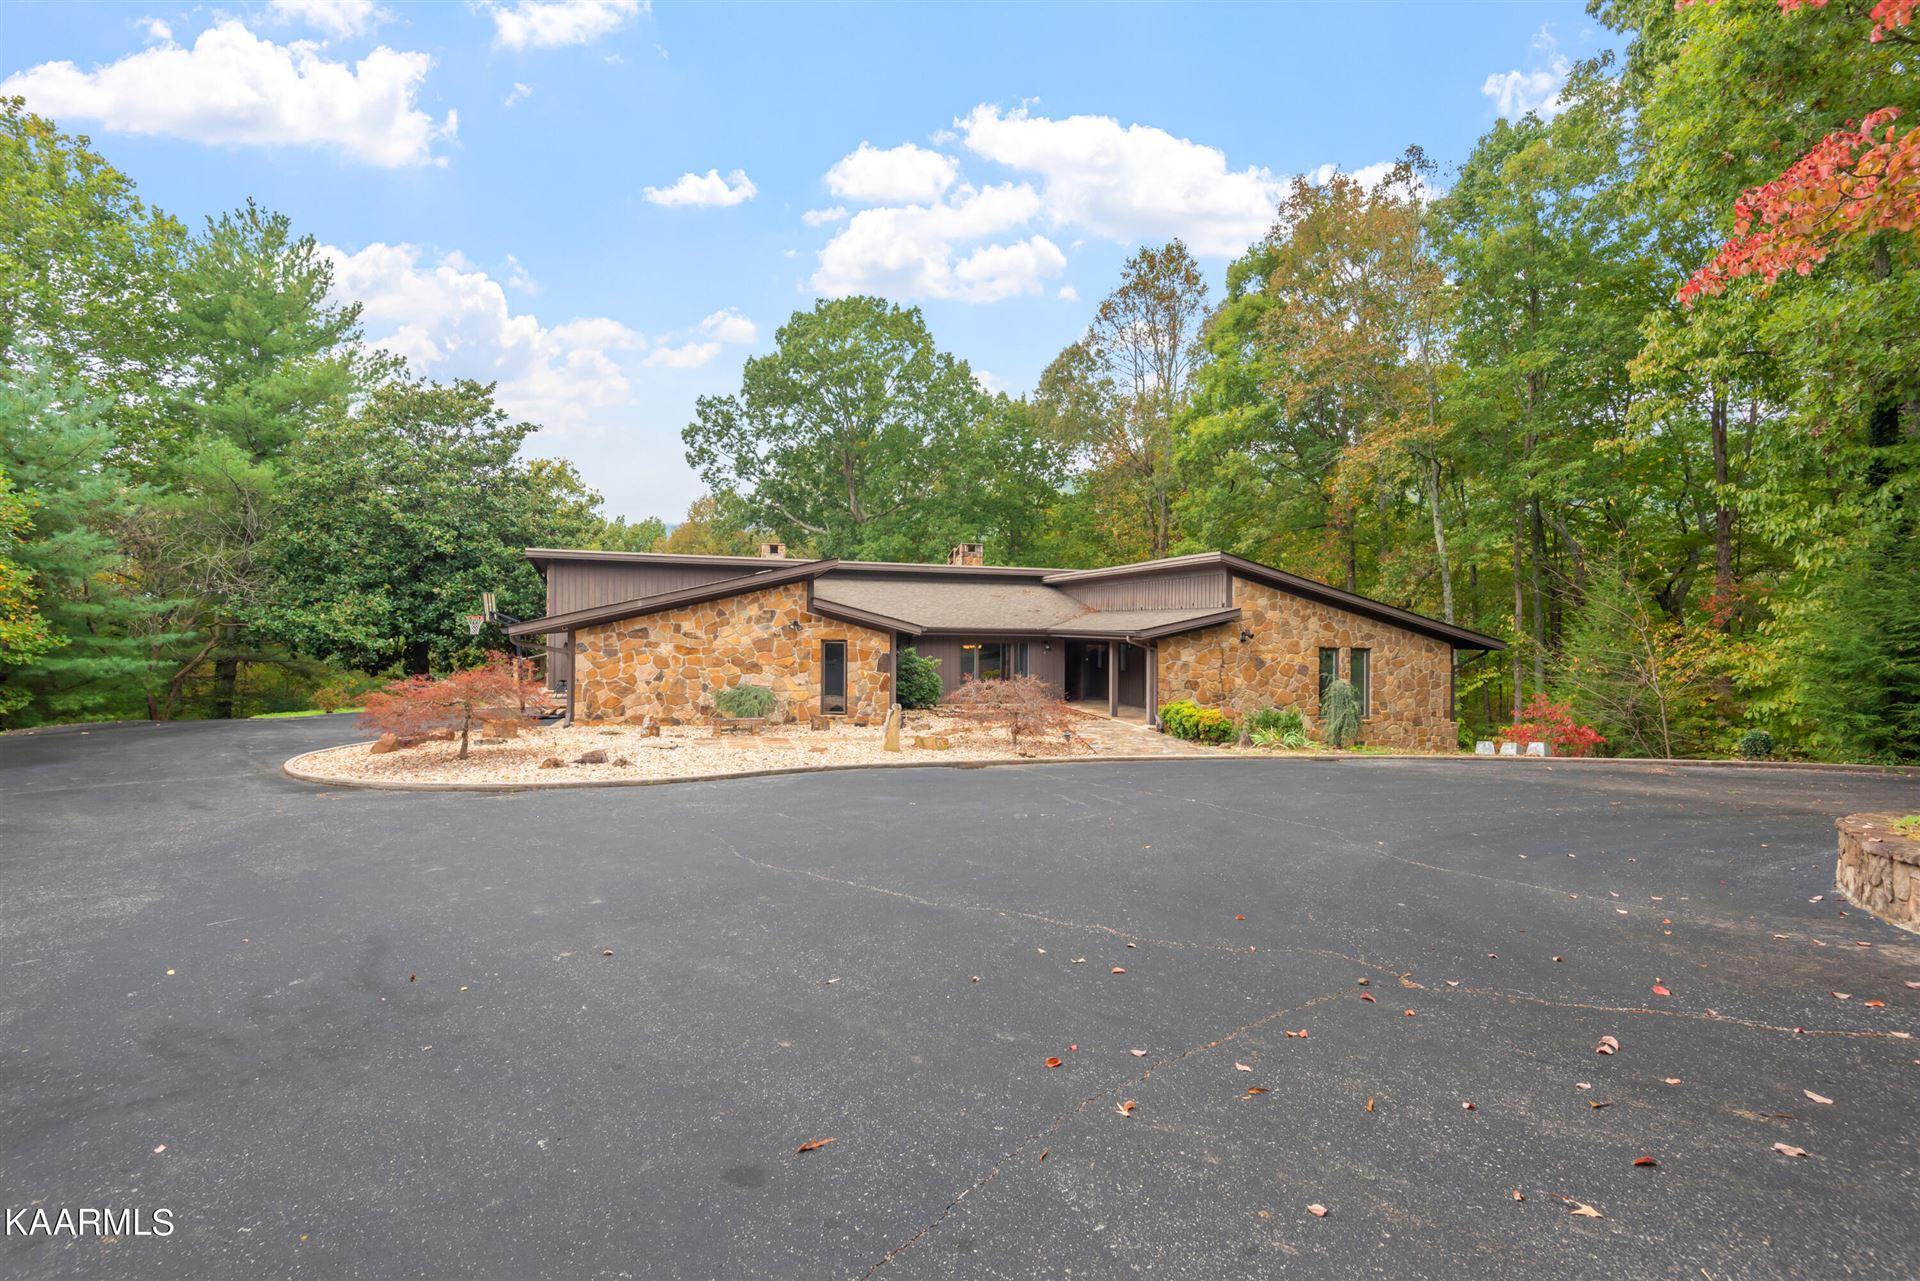 Photo of 140 W Hills Court, Harriman, TN 37748 (MLS # 1171550)